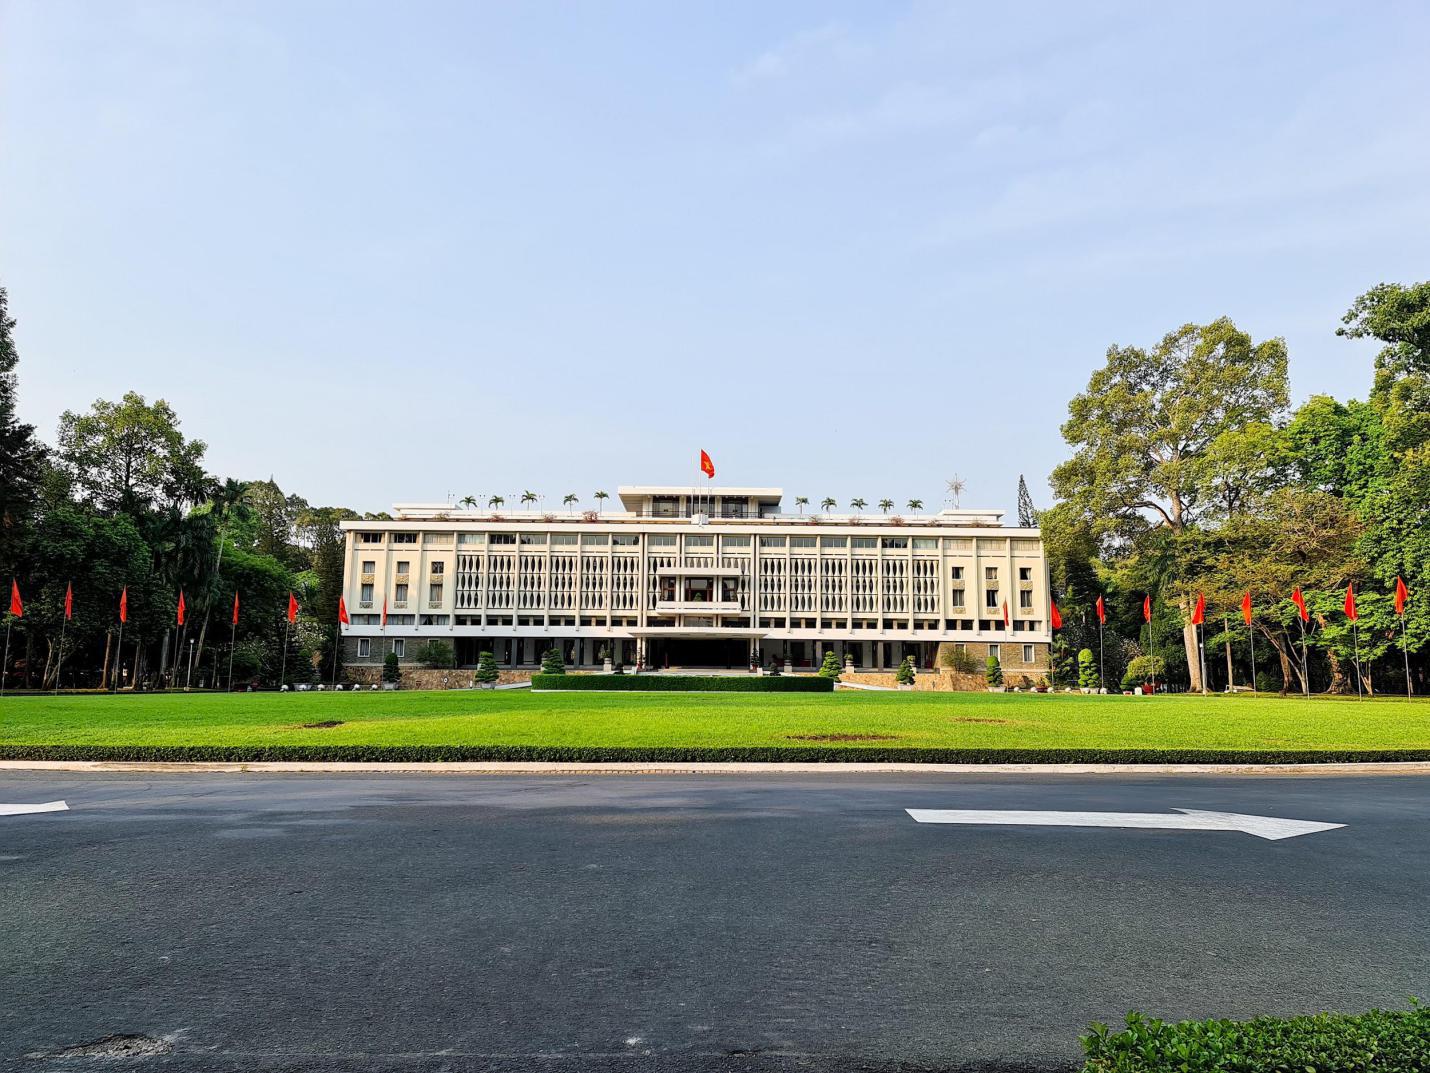 Ở nhà tranh thủ ngắm nhìn Sài Gòn ngay lúc này: nhận ra nhiều điều hay, vẻ đẹp mình lỡ đánh rơi - Ảnh 7.